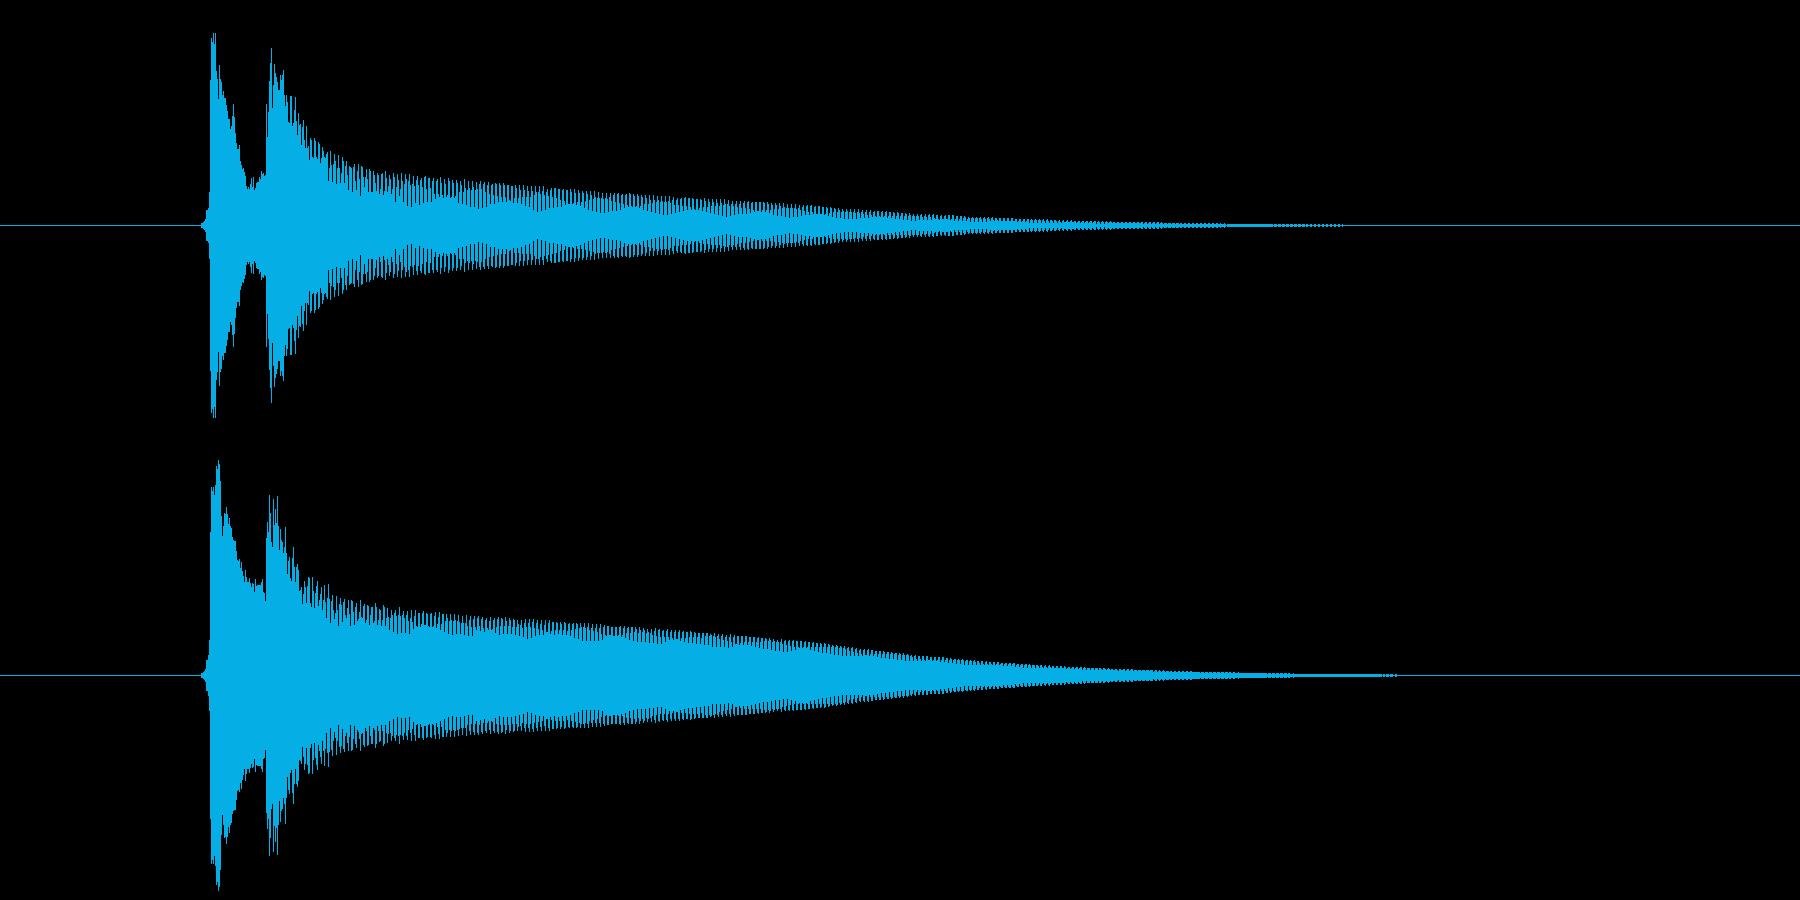 【生録音】ピンポーン(速度-早め)の再生済みの波形